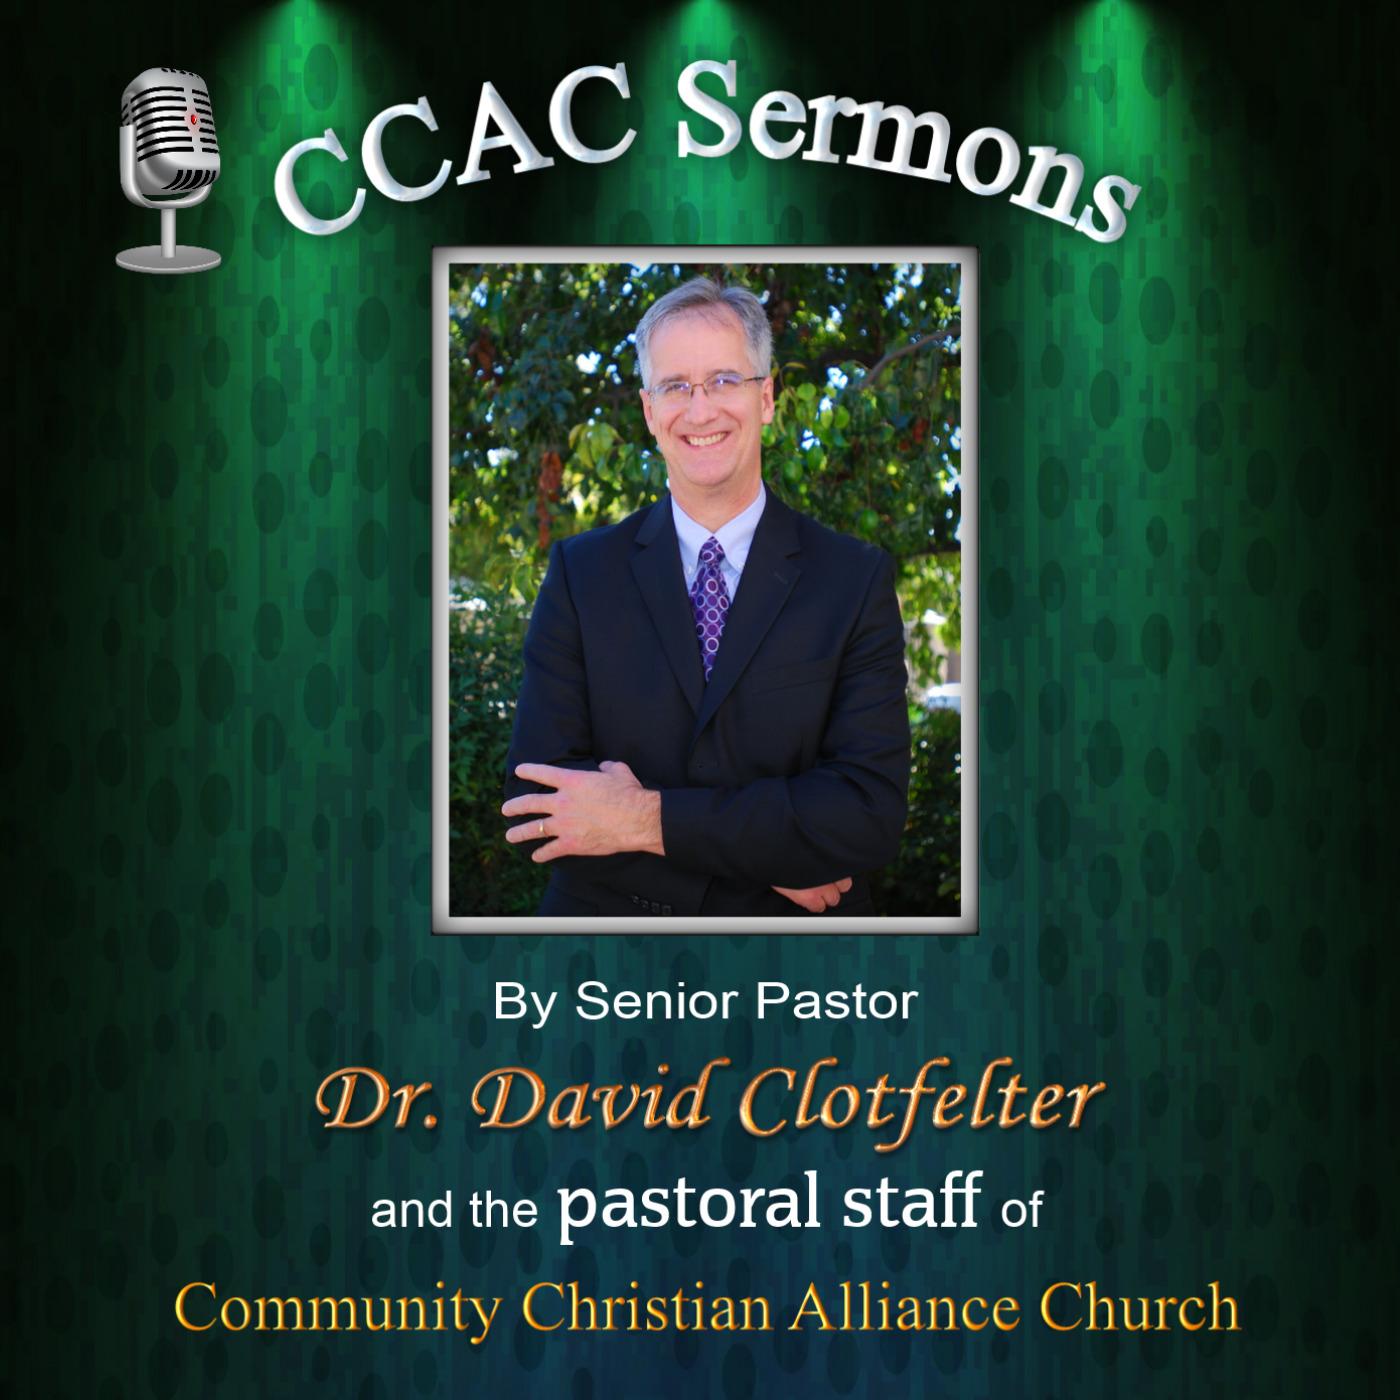 CCAC Sermons